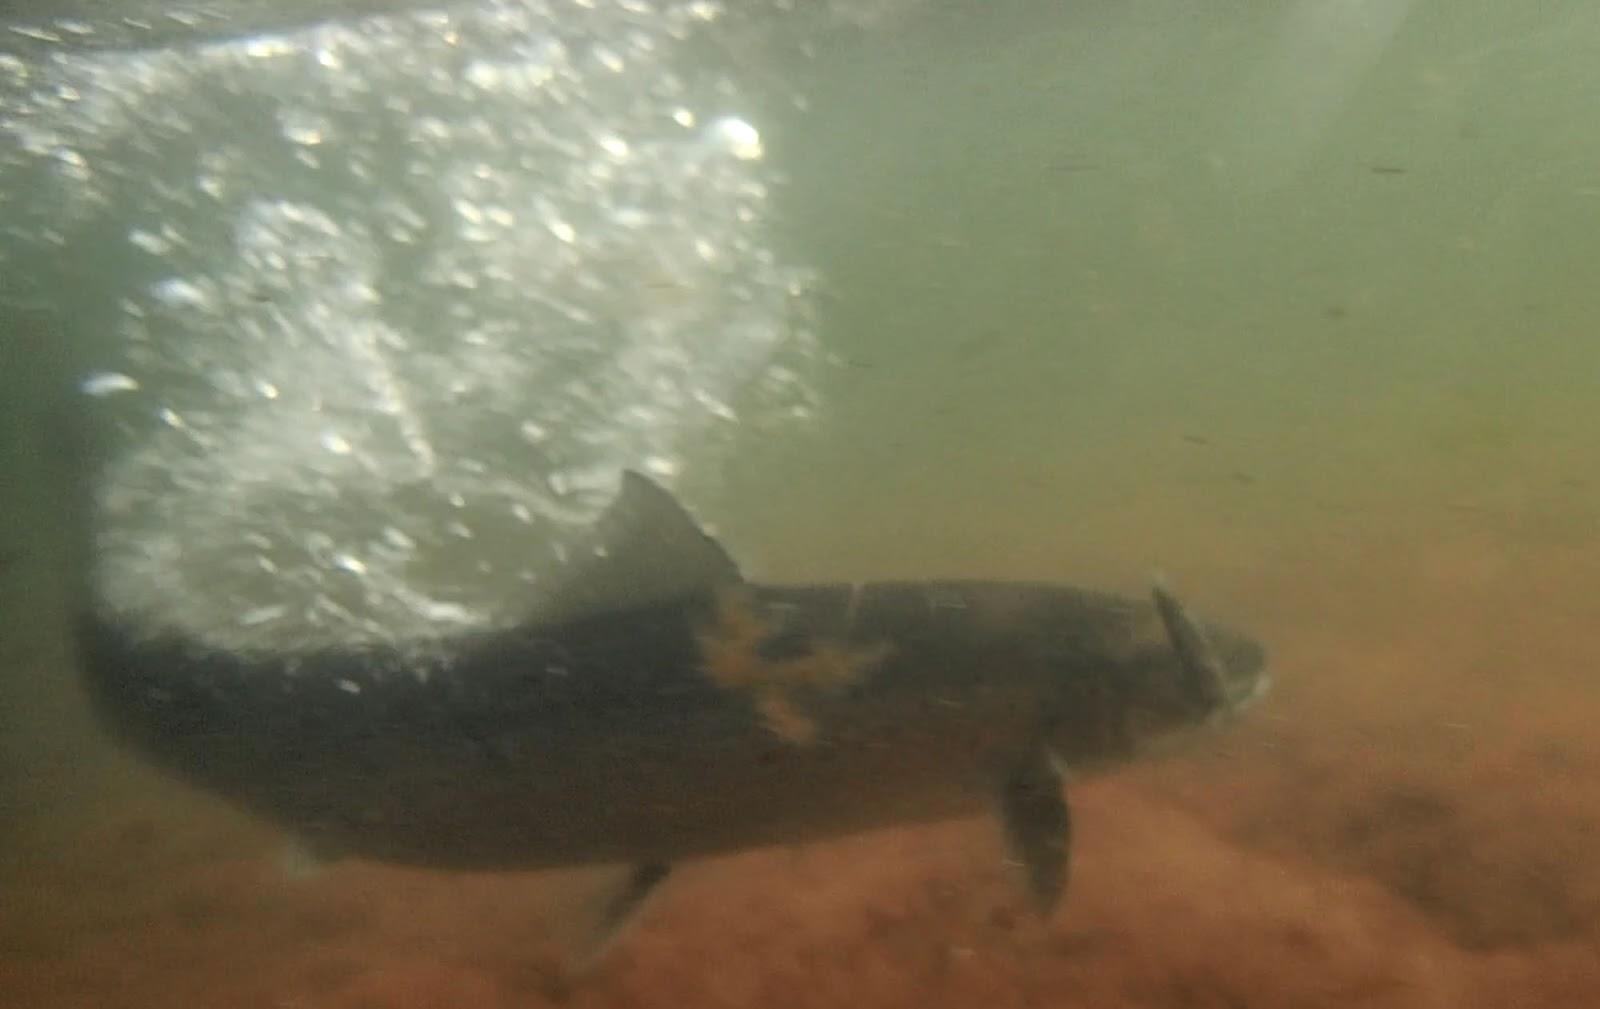 havsöring under vattnet